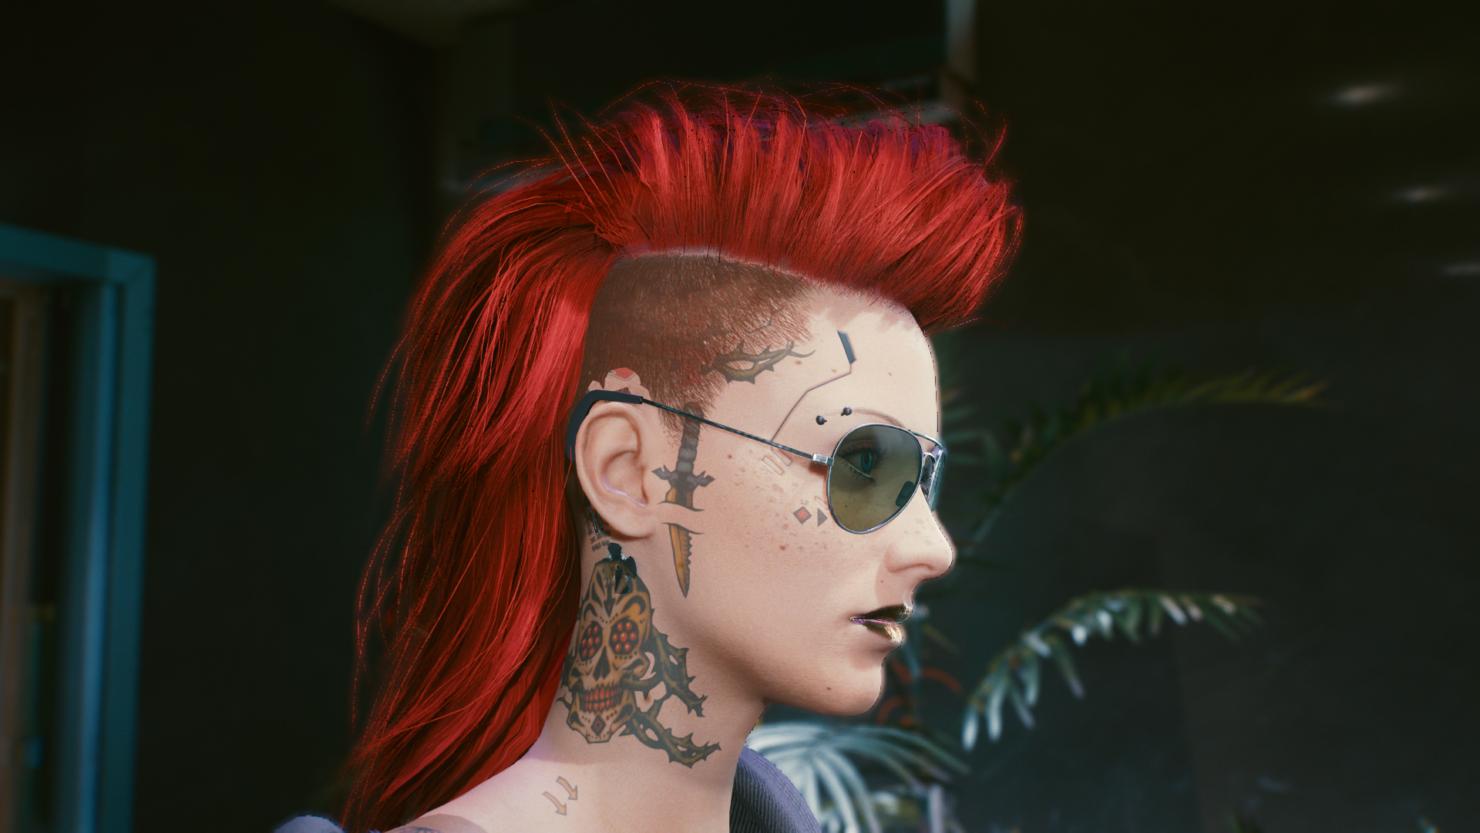 cyberpunk-hair-mods-rogue-2023-5